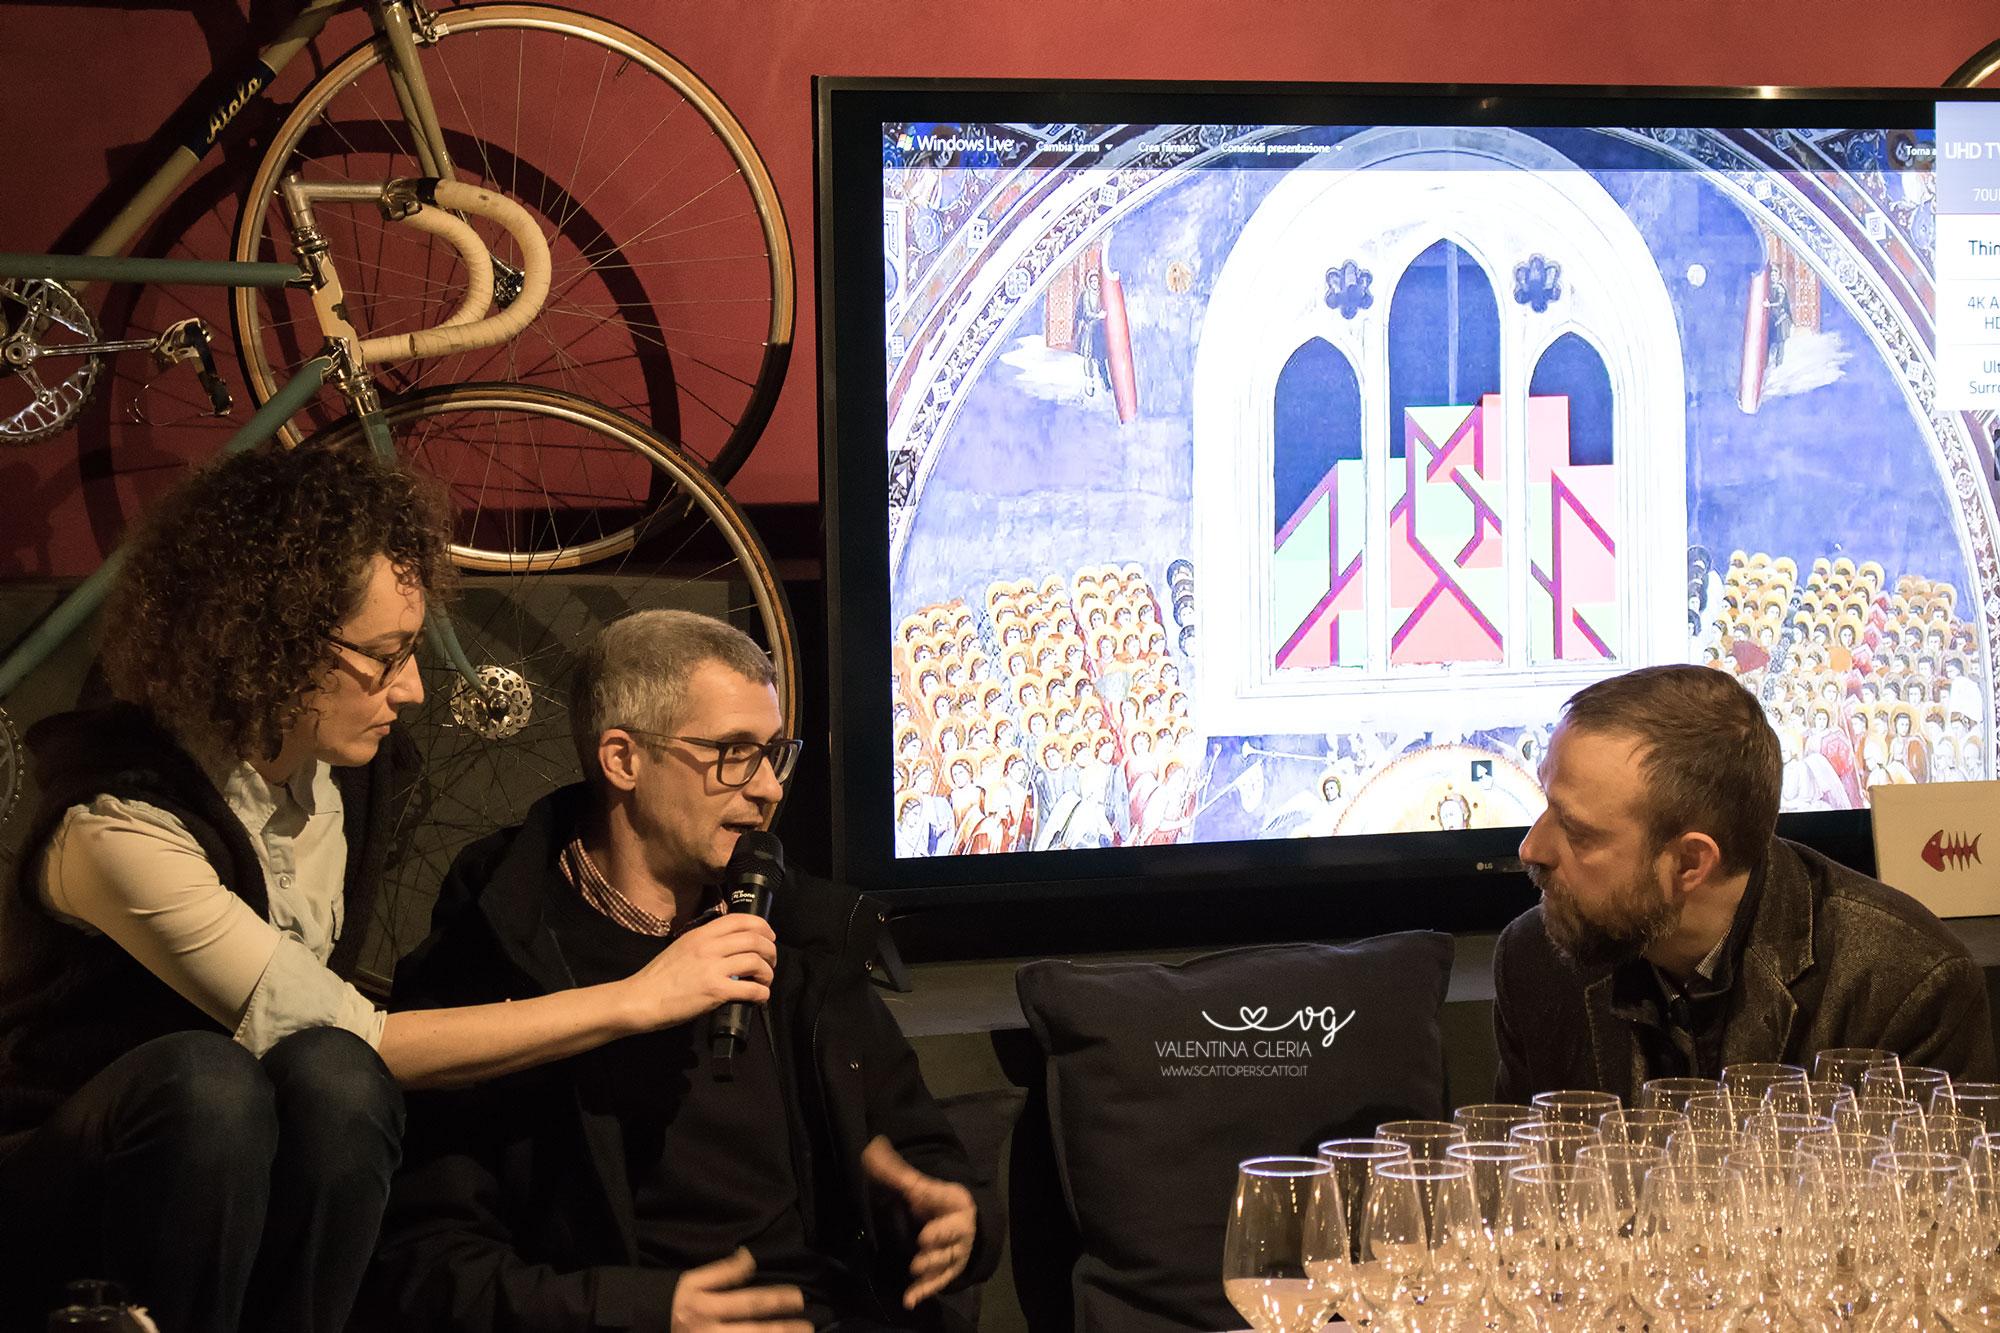 L'artista Joys intervistato da Guido Bartorelli